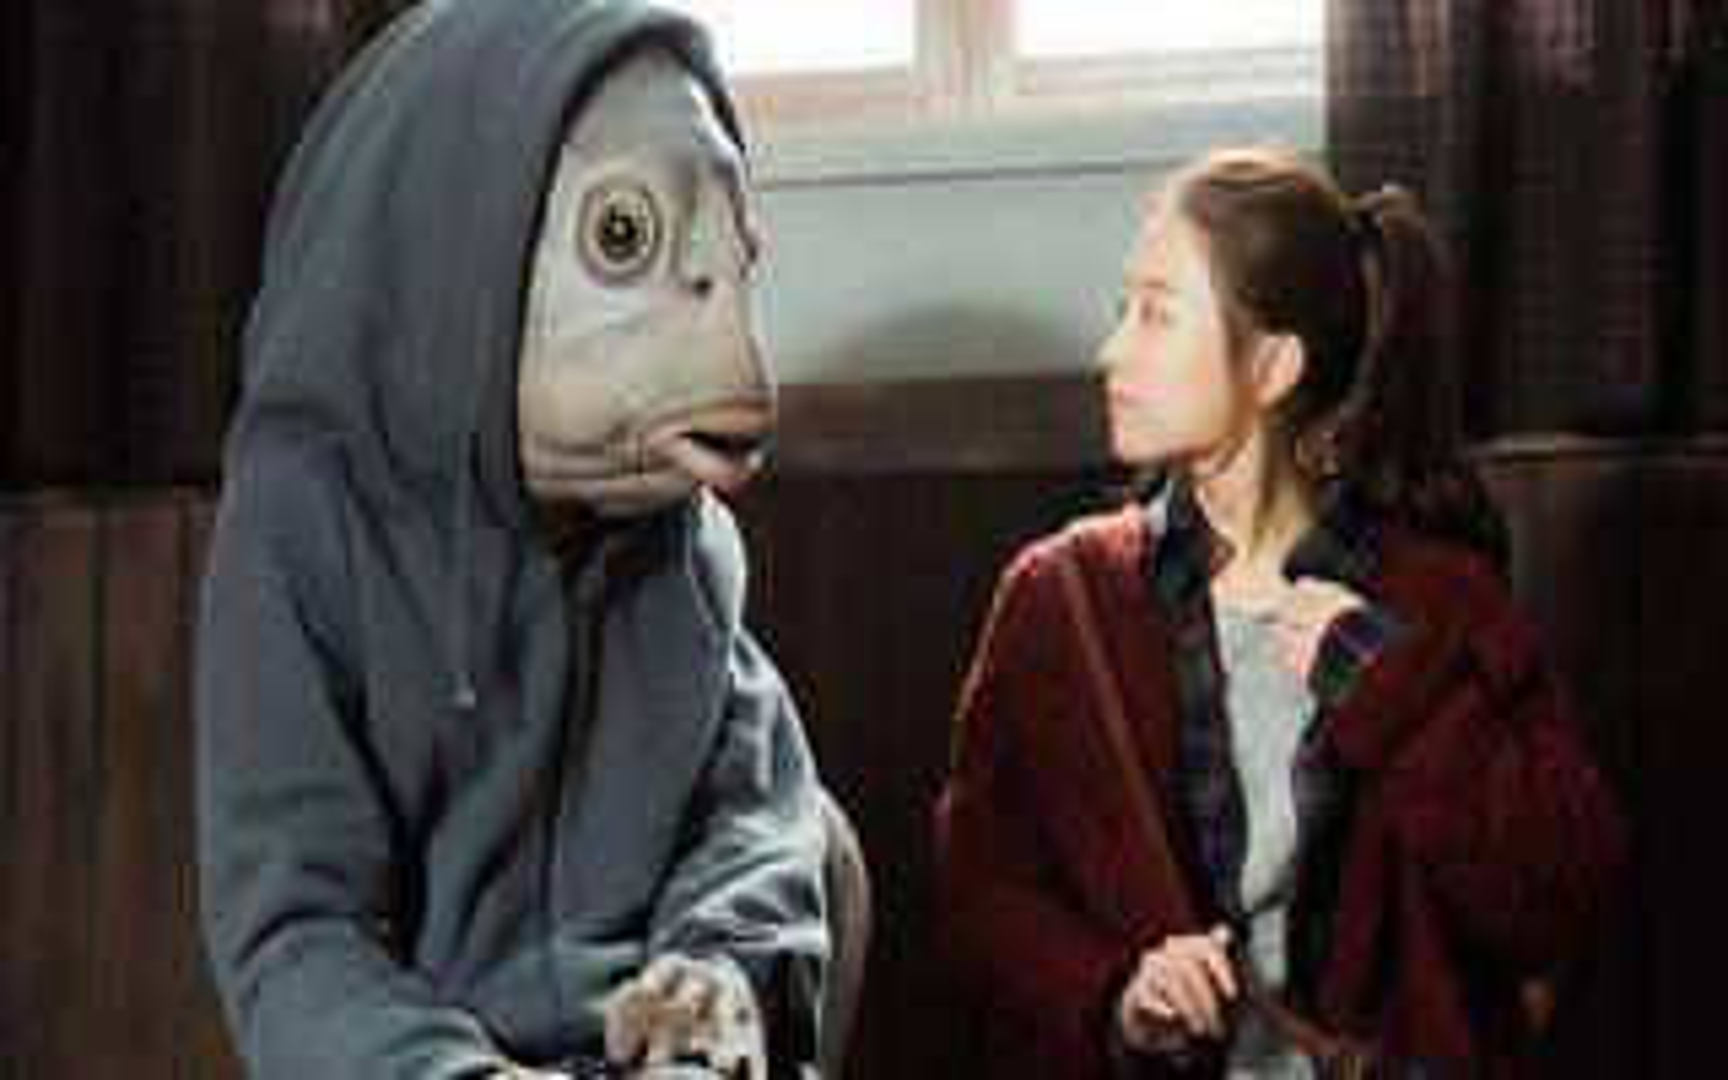 真实反映韩国人性扭曲的伦理电影《突然变异》